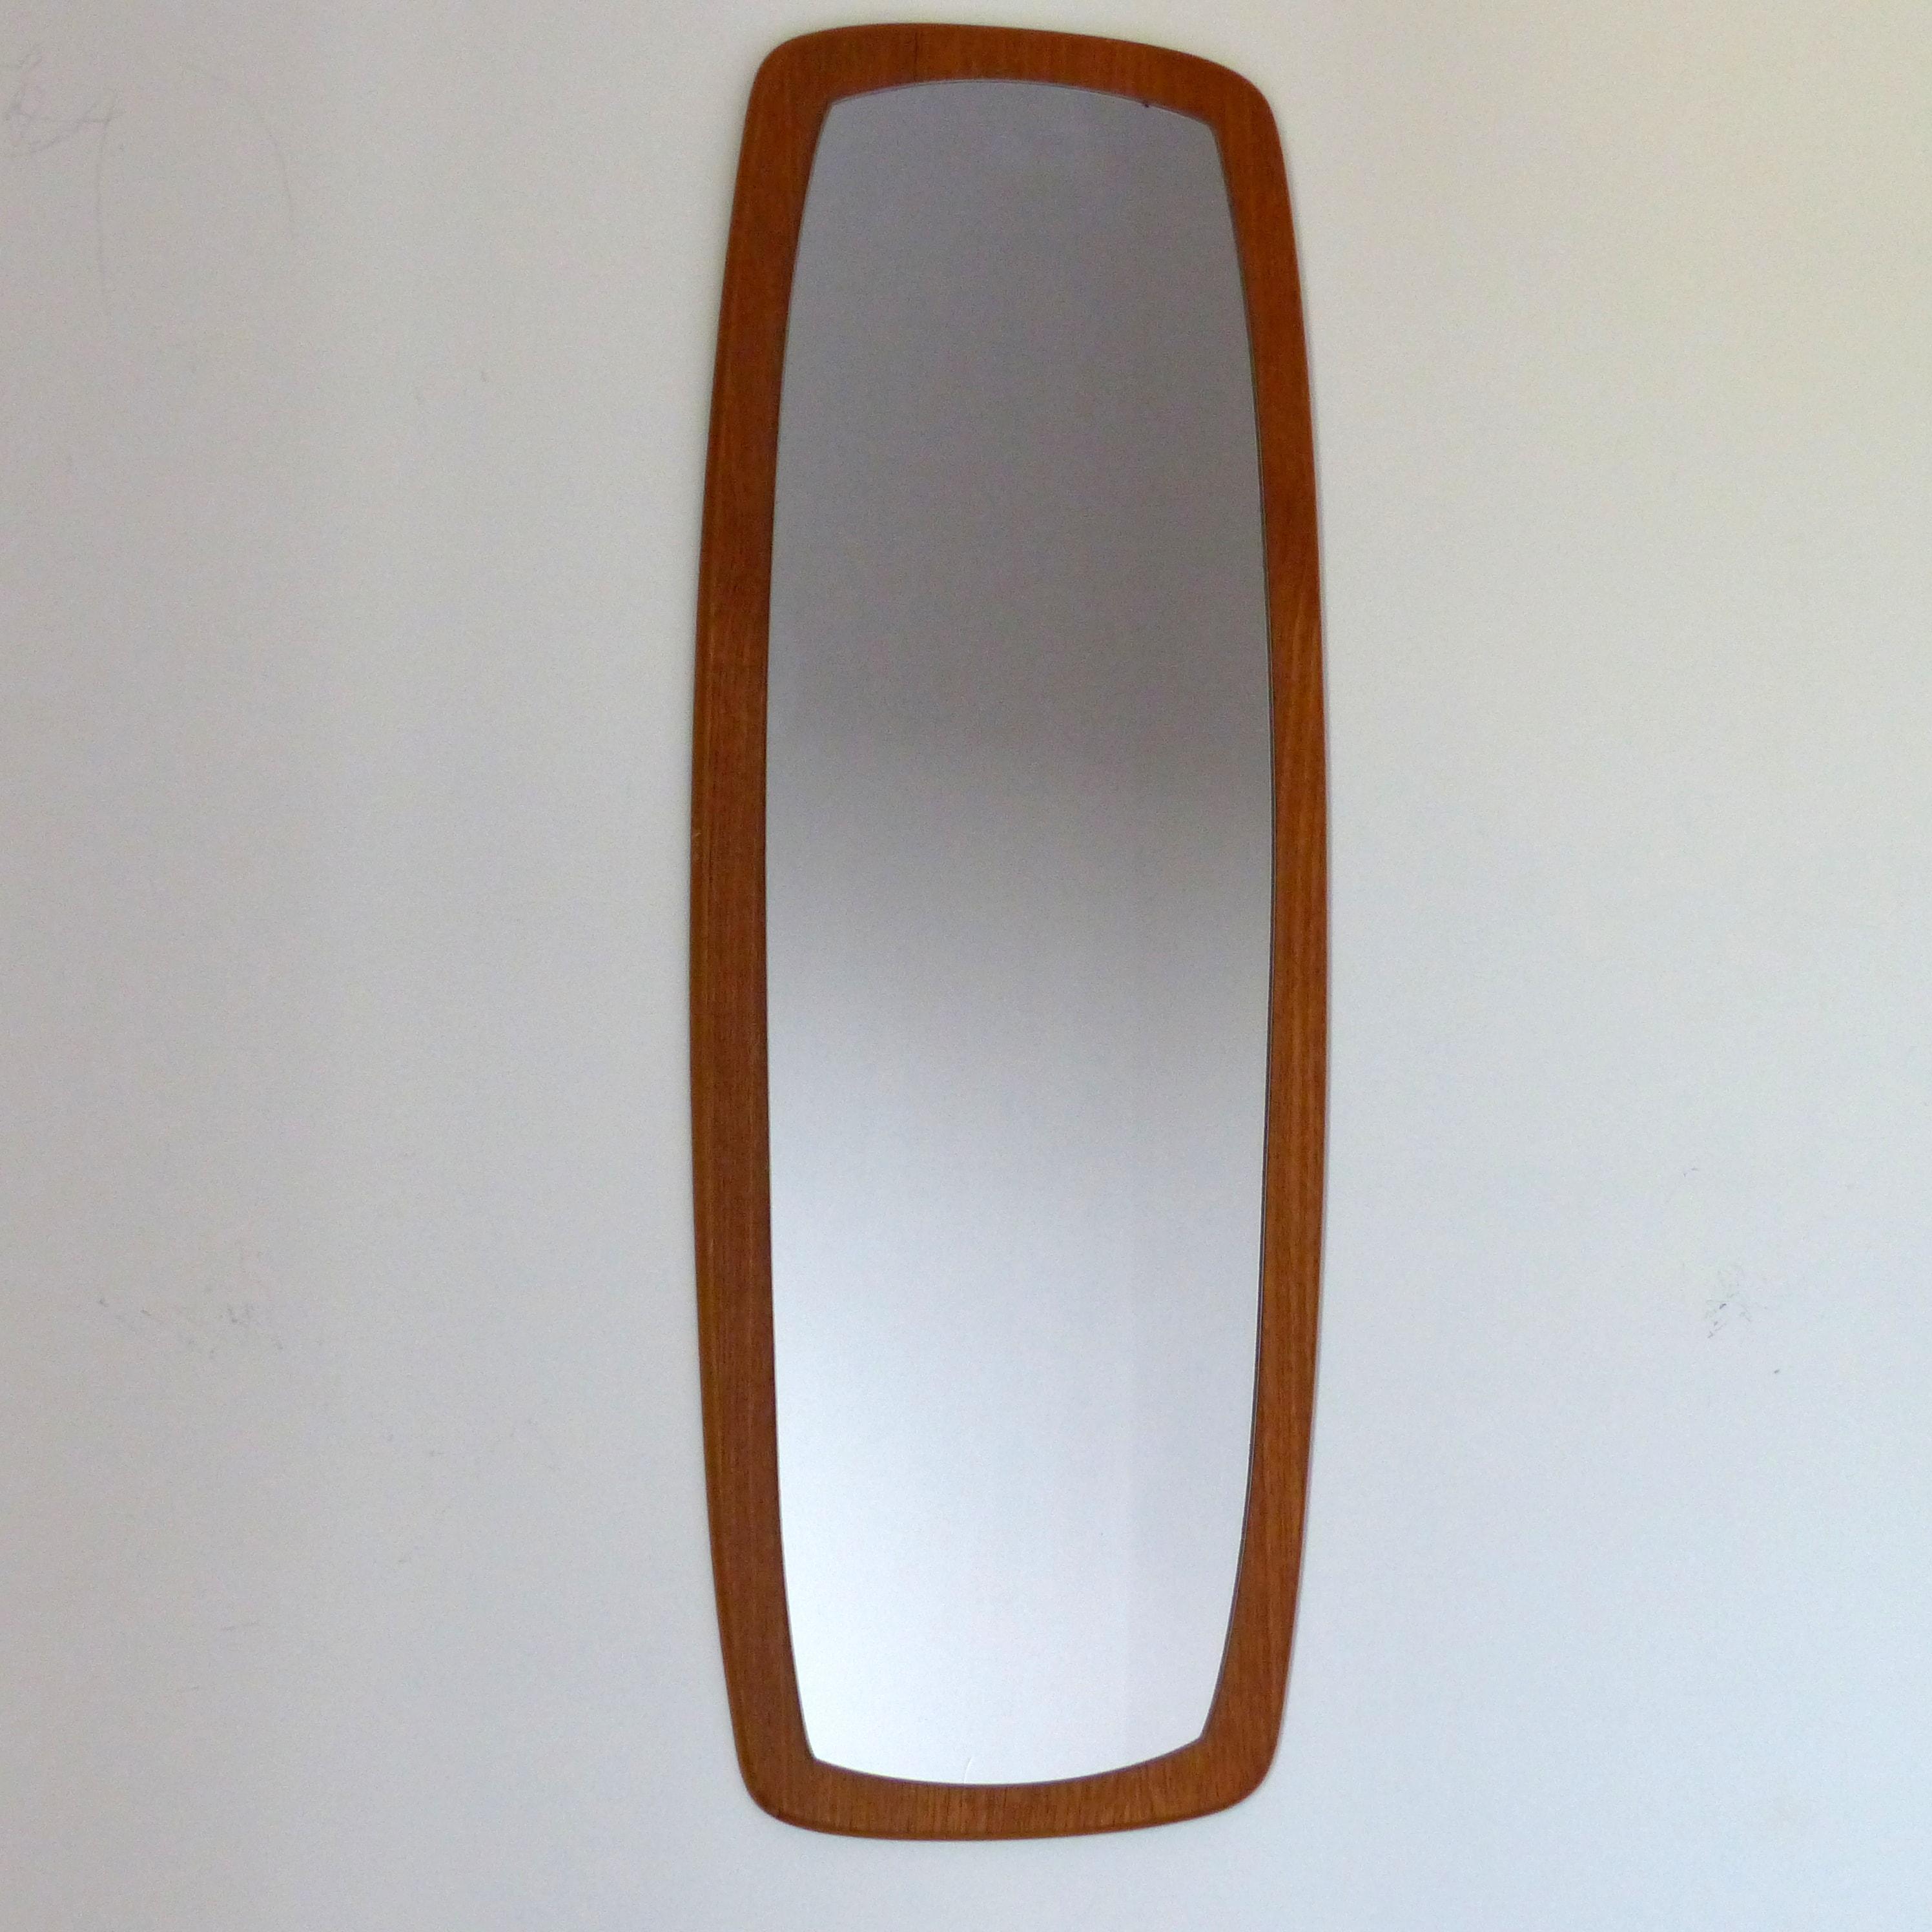 Miroir scandinave en teck lignedebrocante brocante en for Miroir longueur